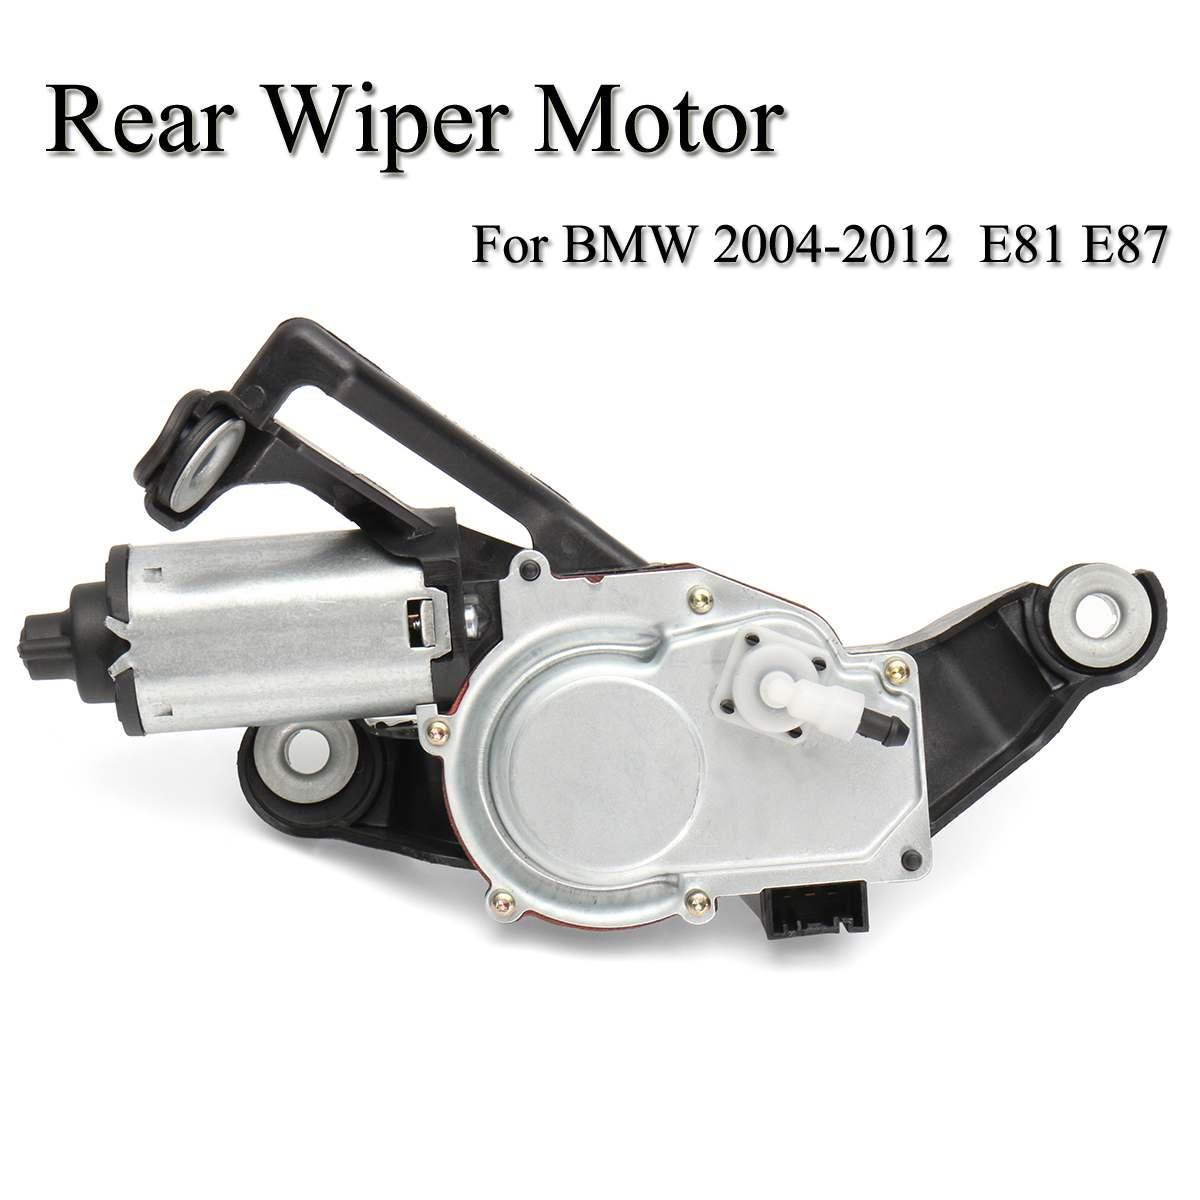 Auto Motore del Tergicristallo Posteriore Nero Per BMW 1 Serie E81 E87 Modelli Hatchback 2003-2012